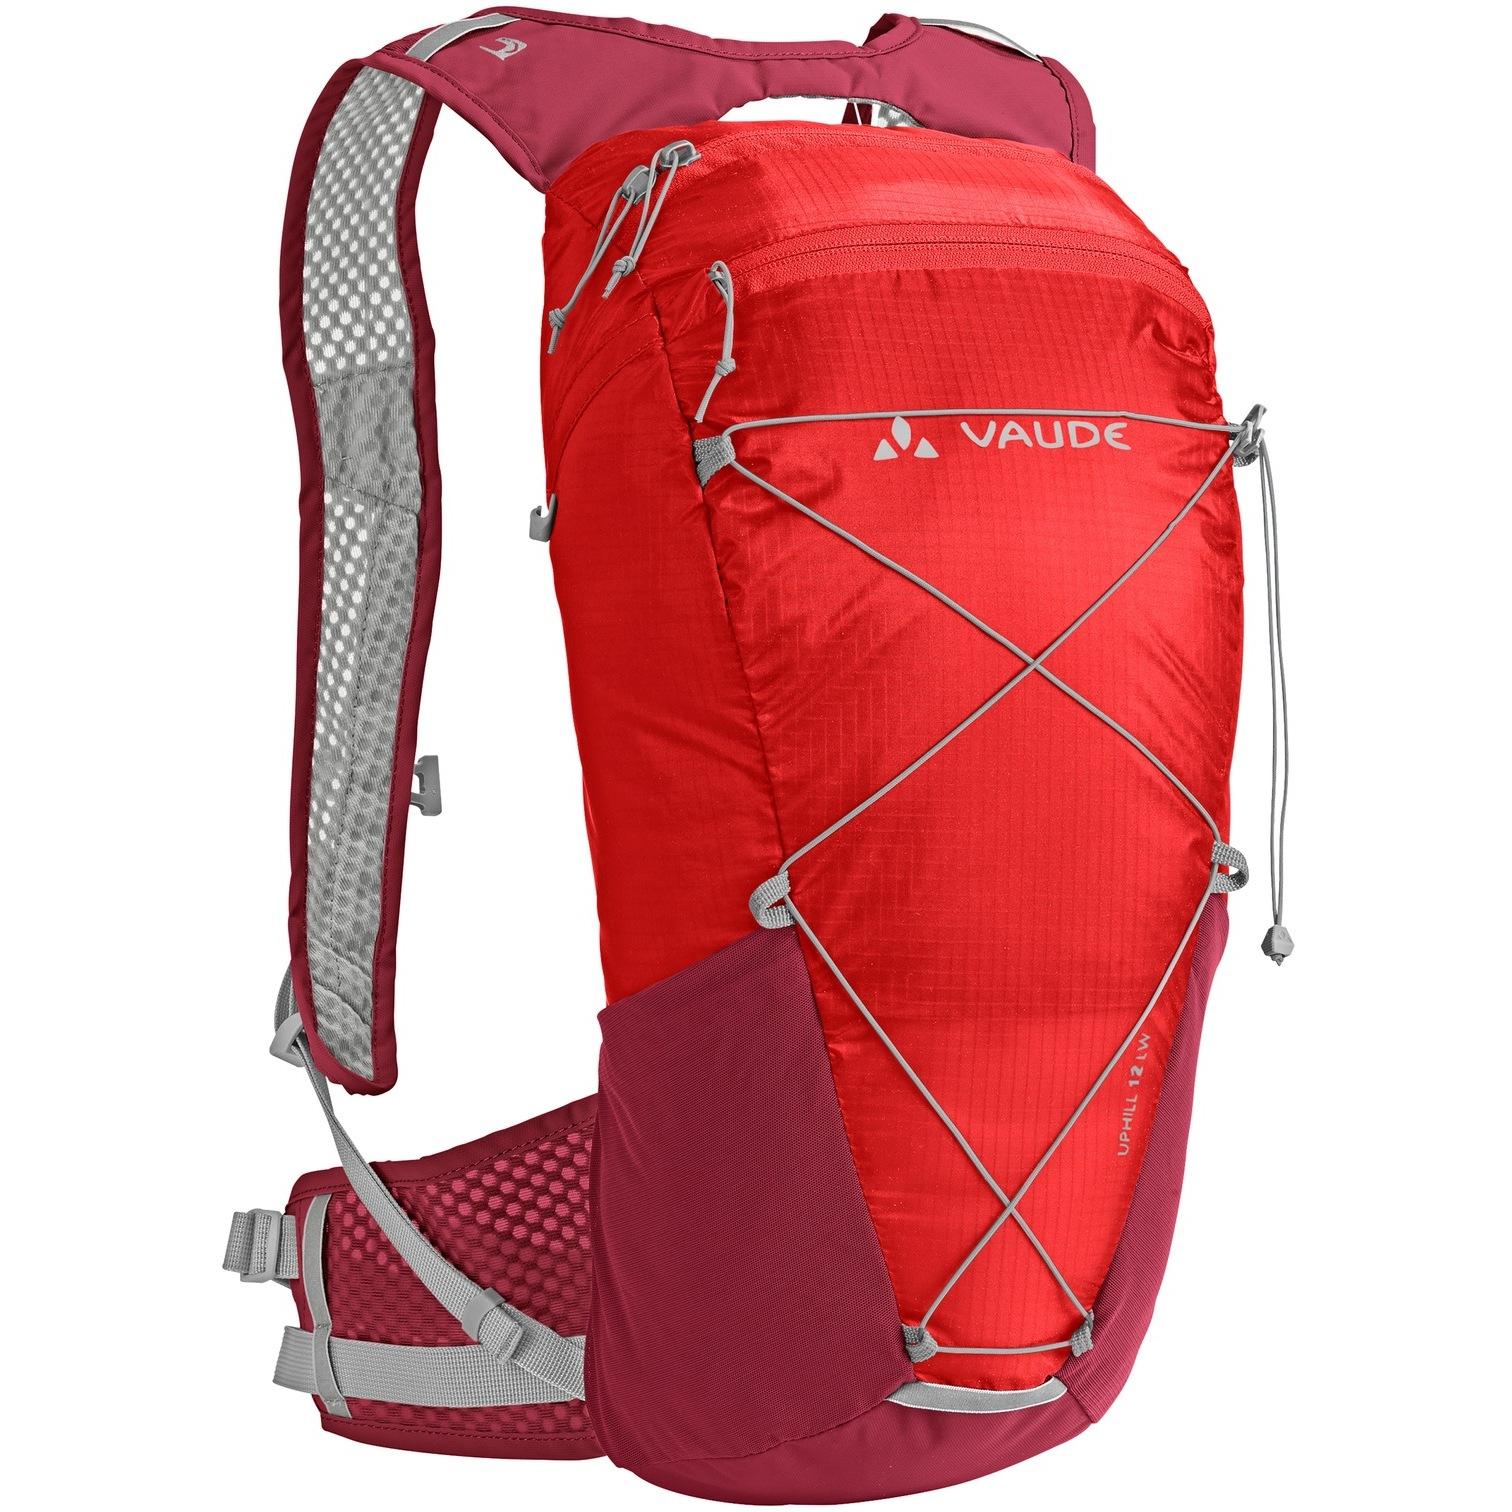 Vaude Uphill 16 LW Rucksack - mars red